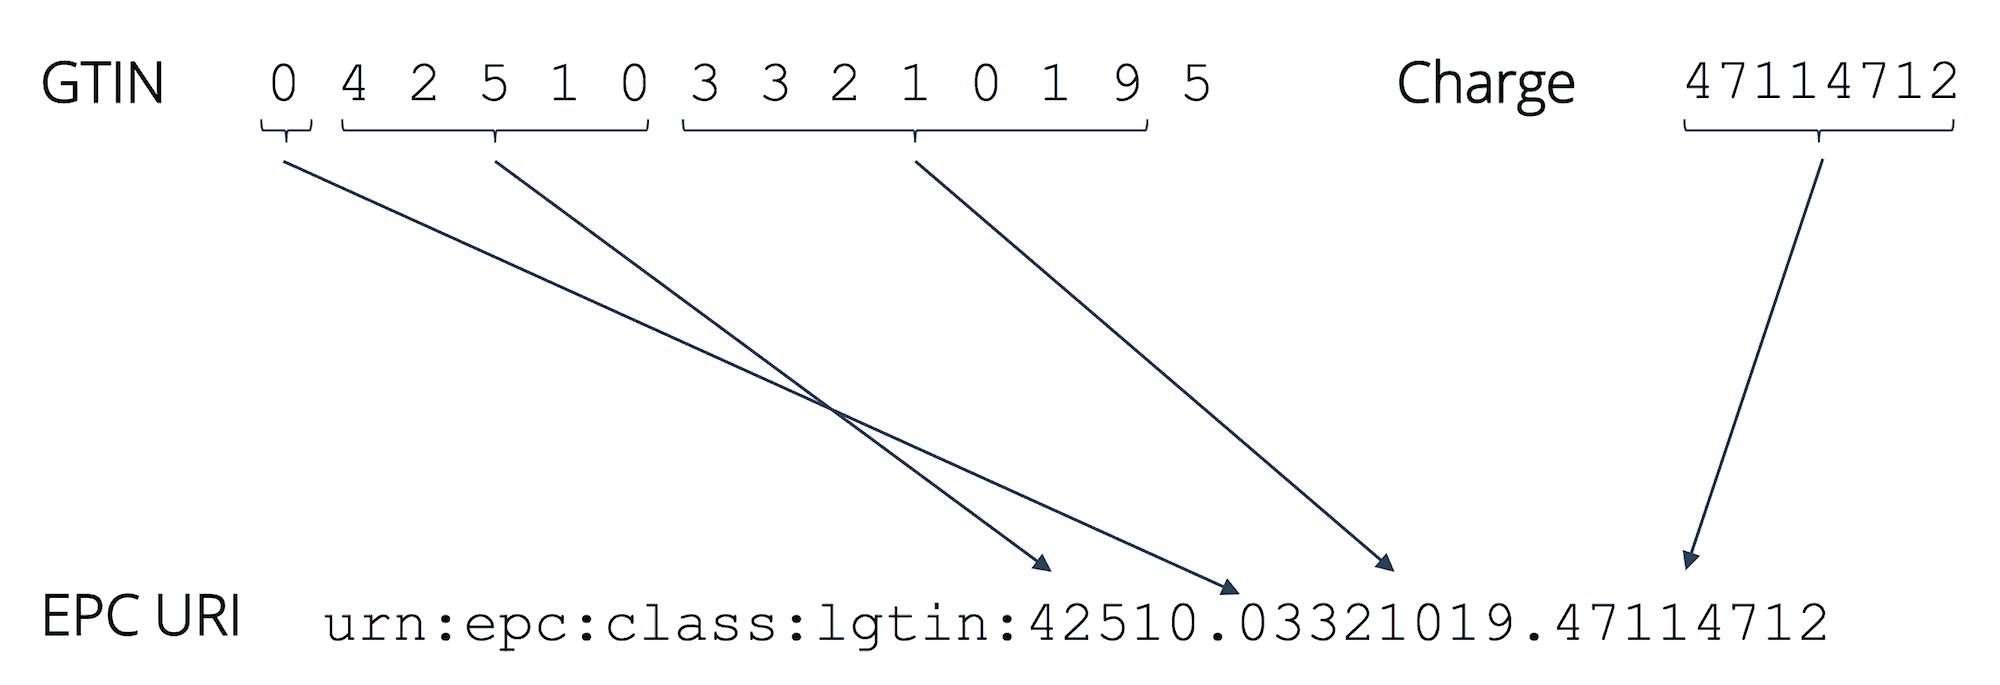 Beispiel für eine 13-stellige GTIN